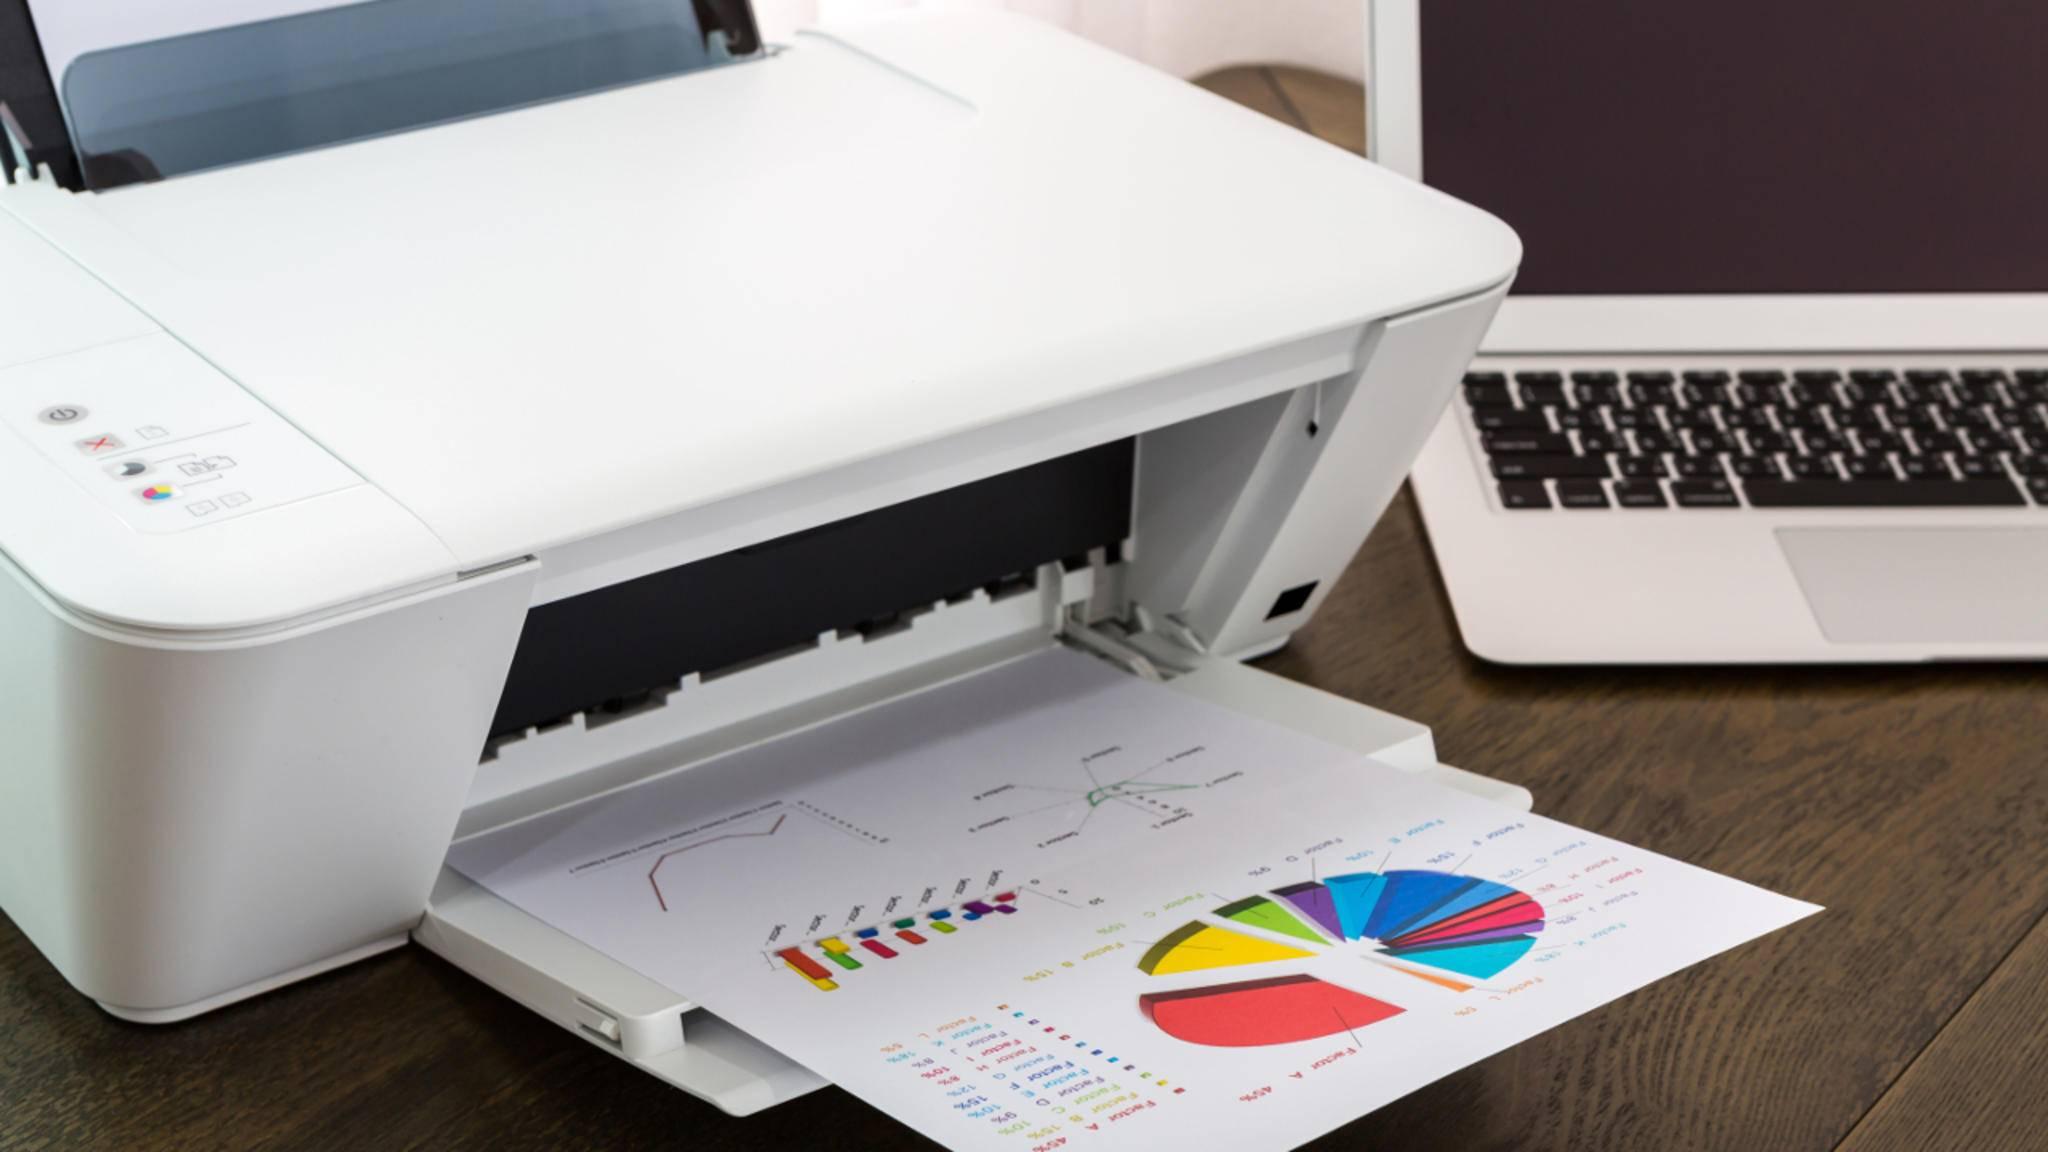 Dokumente und Fotos gelangen via AirPrint im Nu an kompatible Drucker.